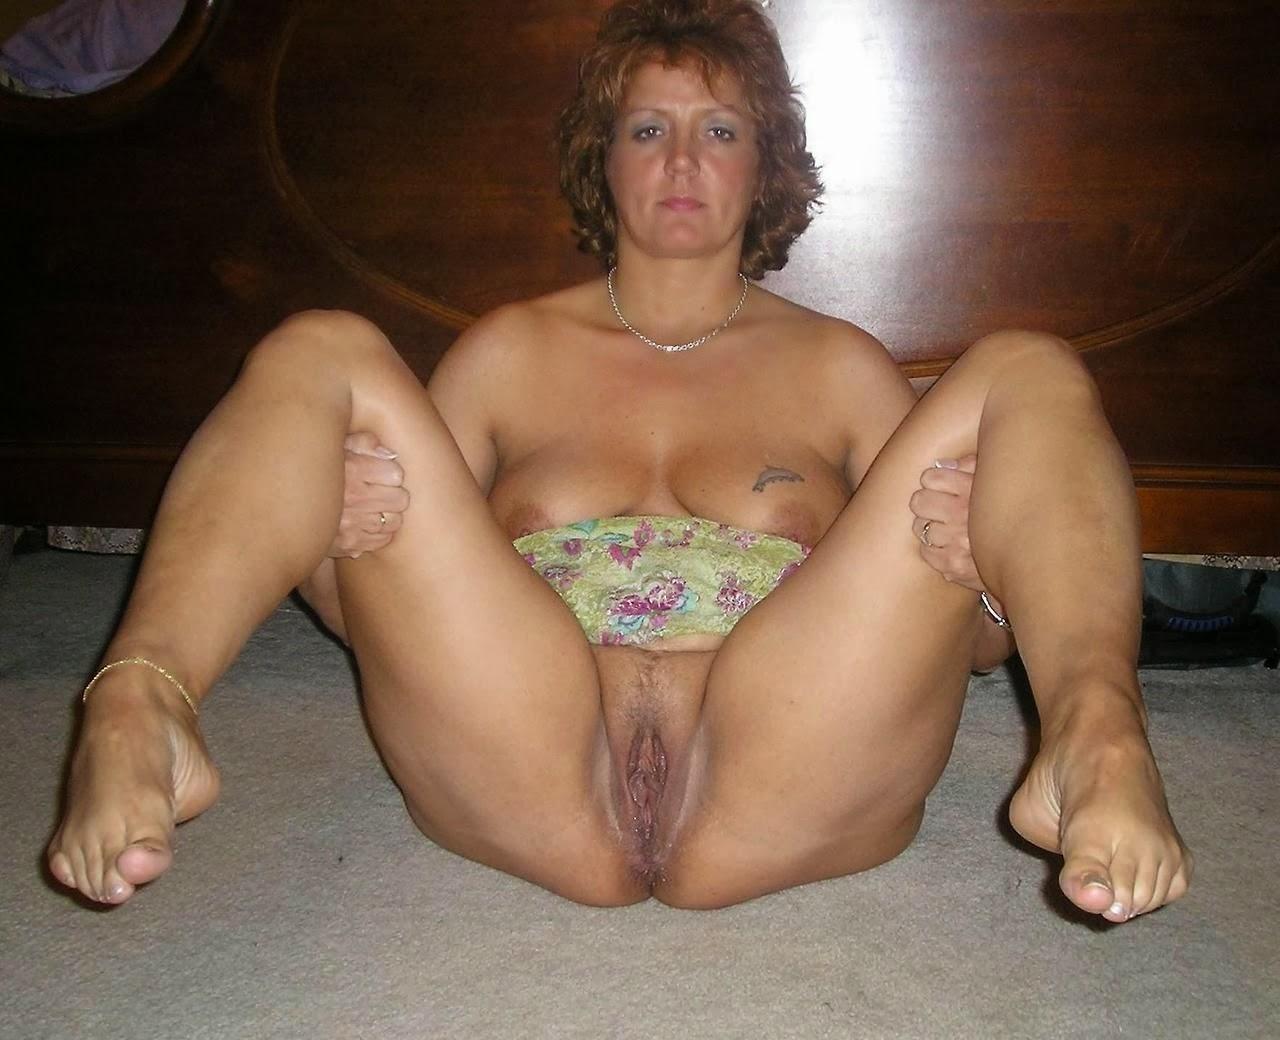 Фото зрелых голых женщин за 40 50, Голые Женщины за 40. Секс и порно с сороколетними 25 фотография